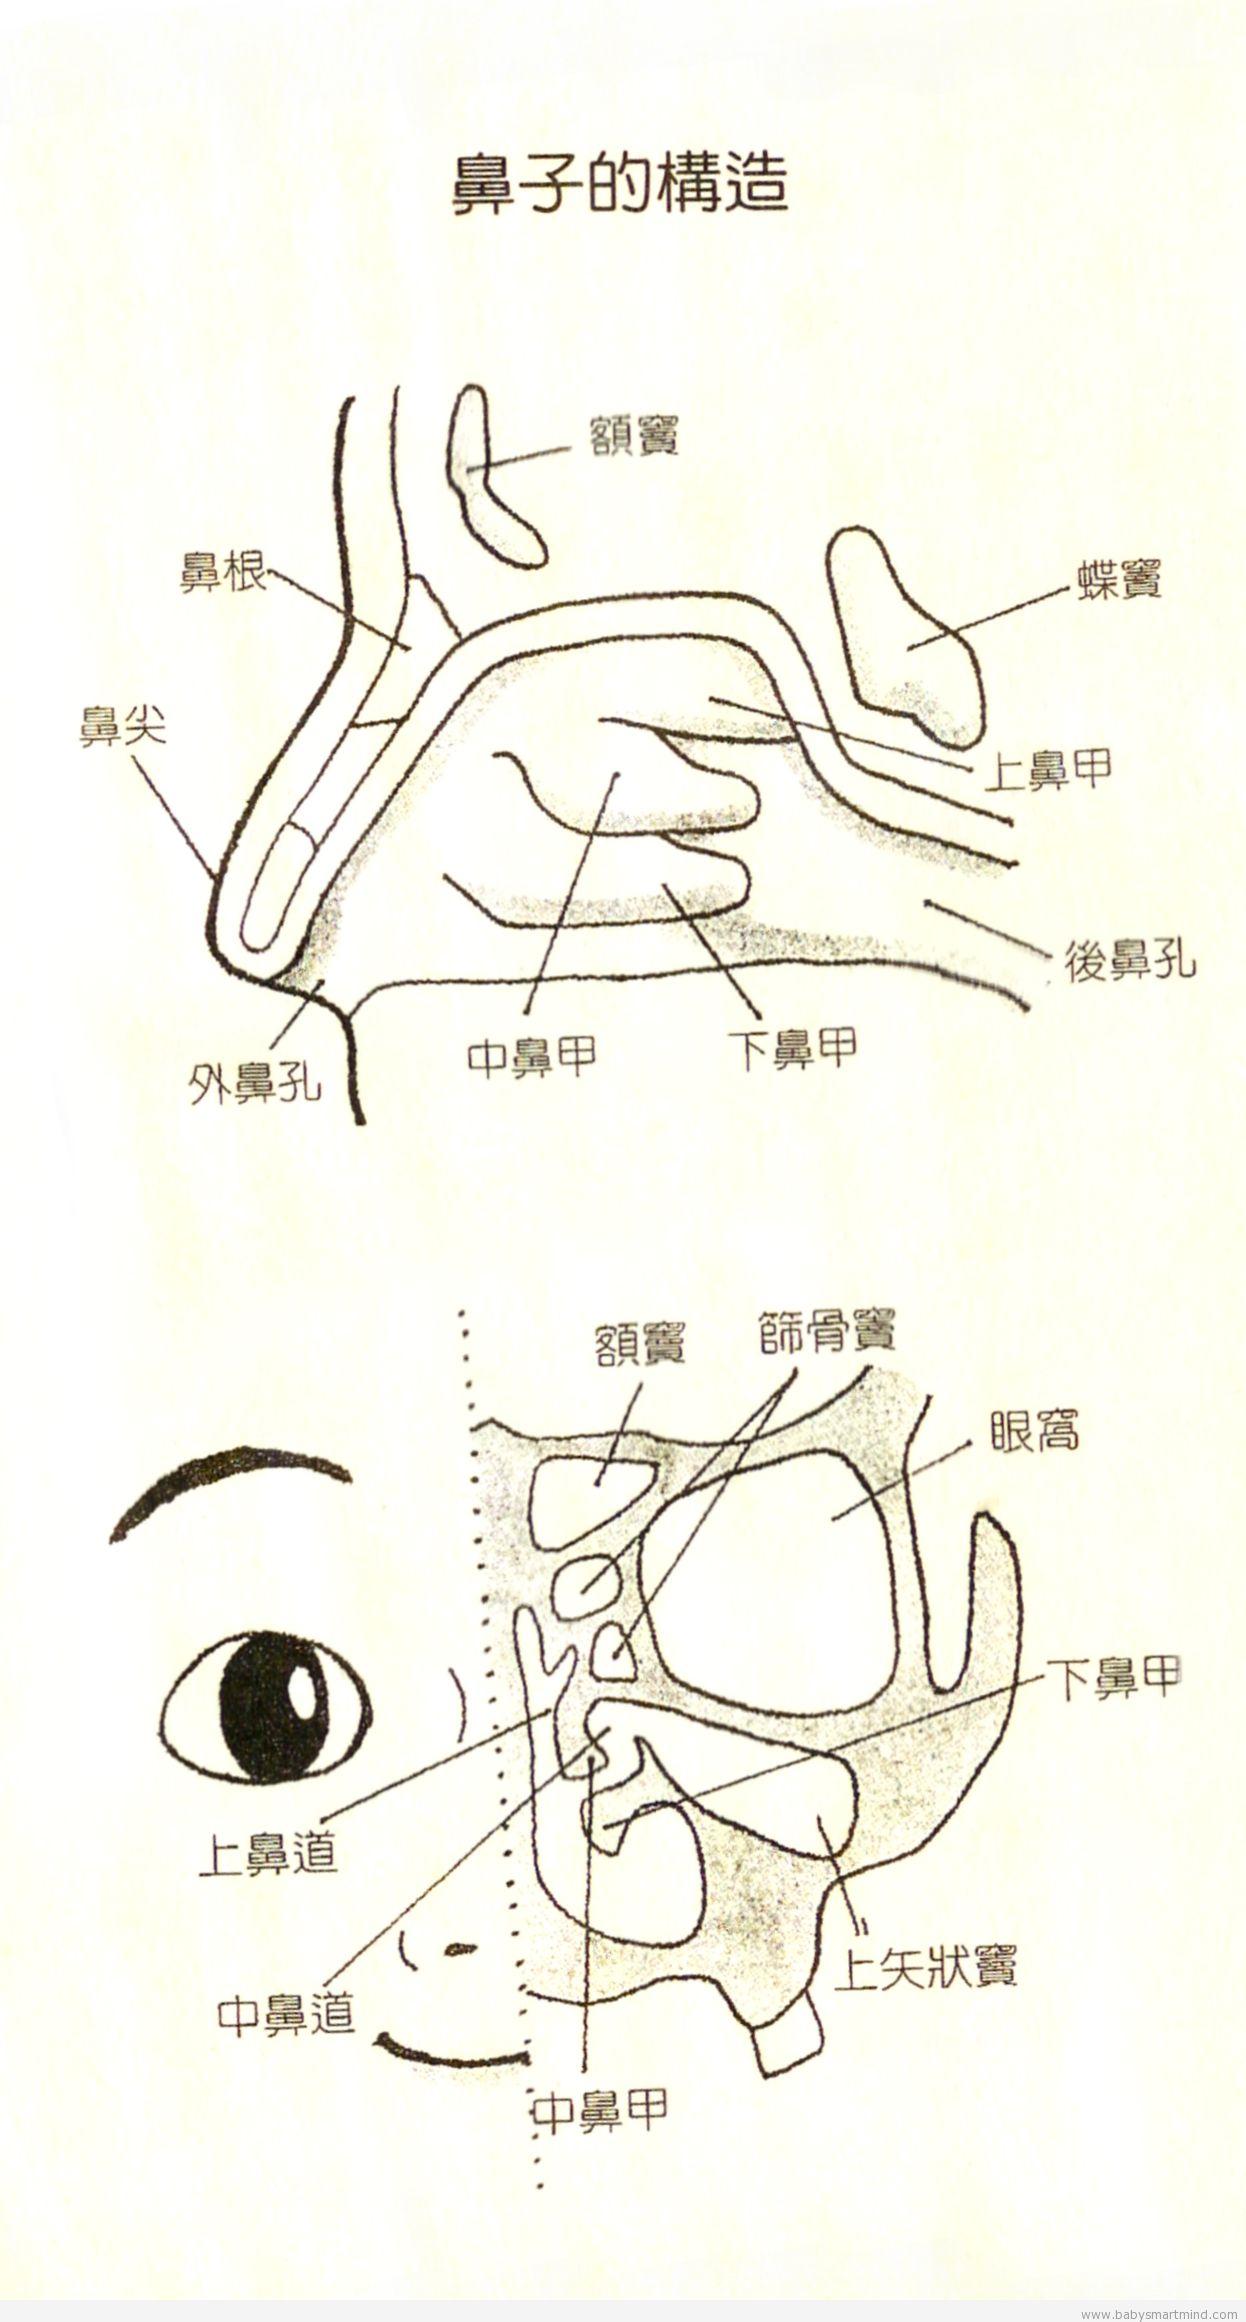 不要把鼻窦炎误以为感冒_乐乐简笔画